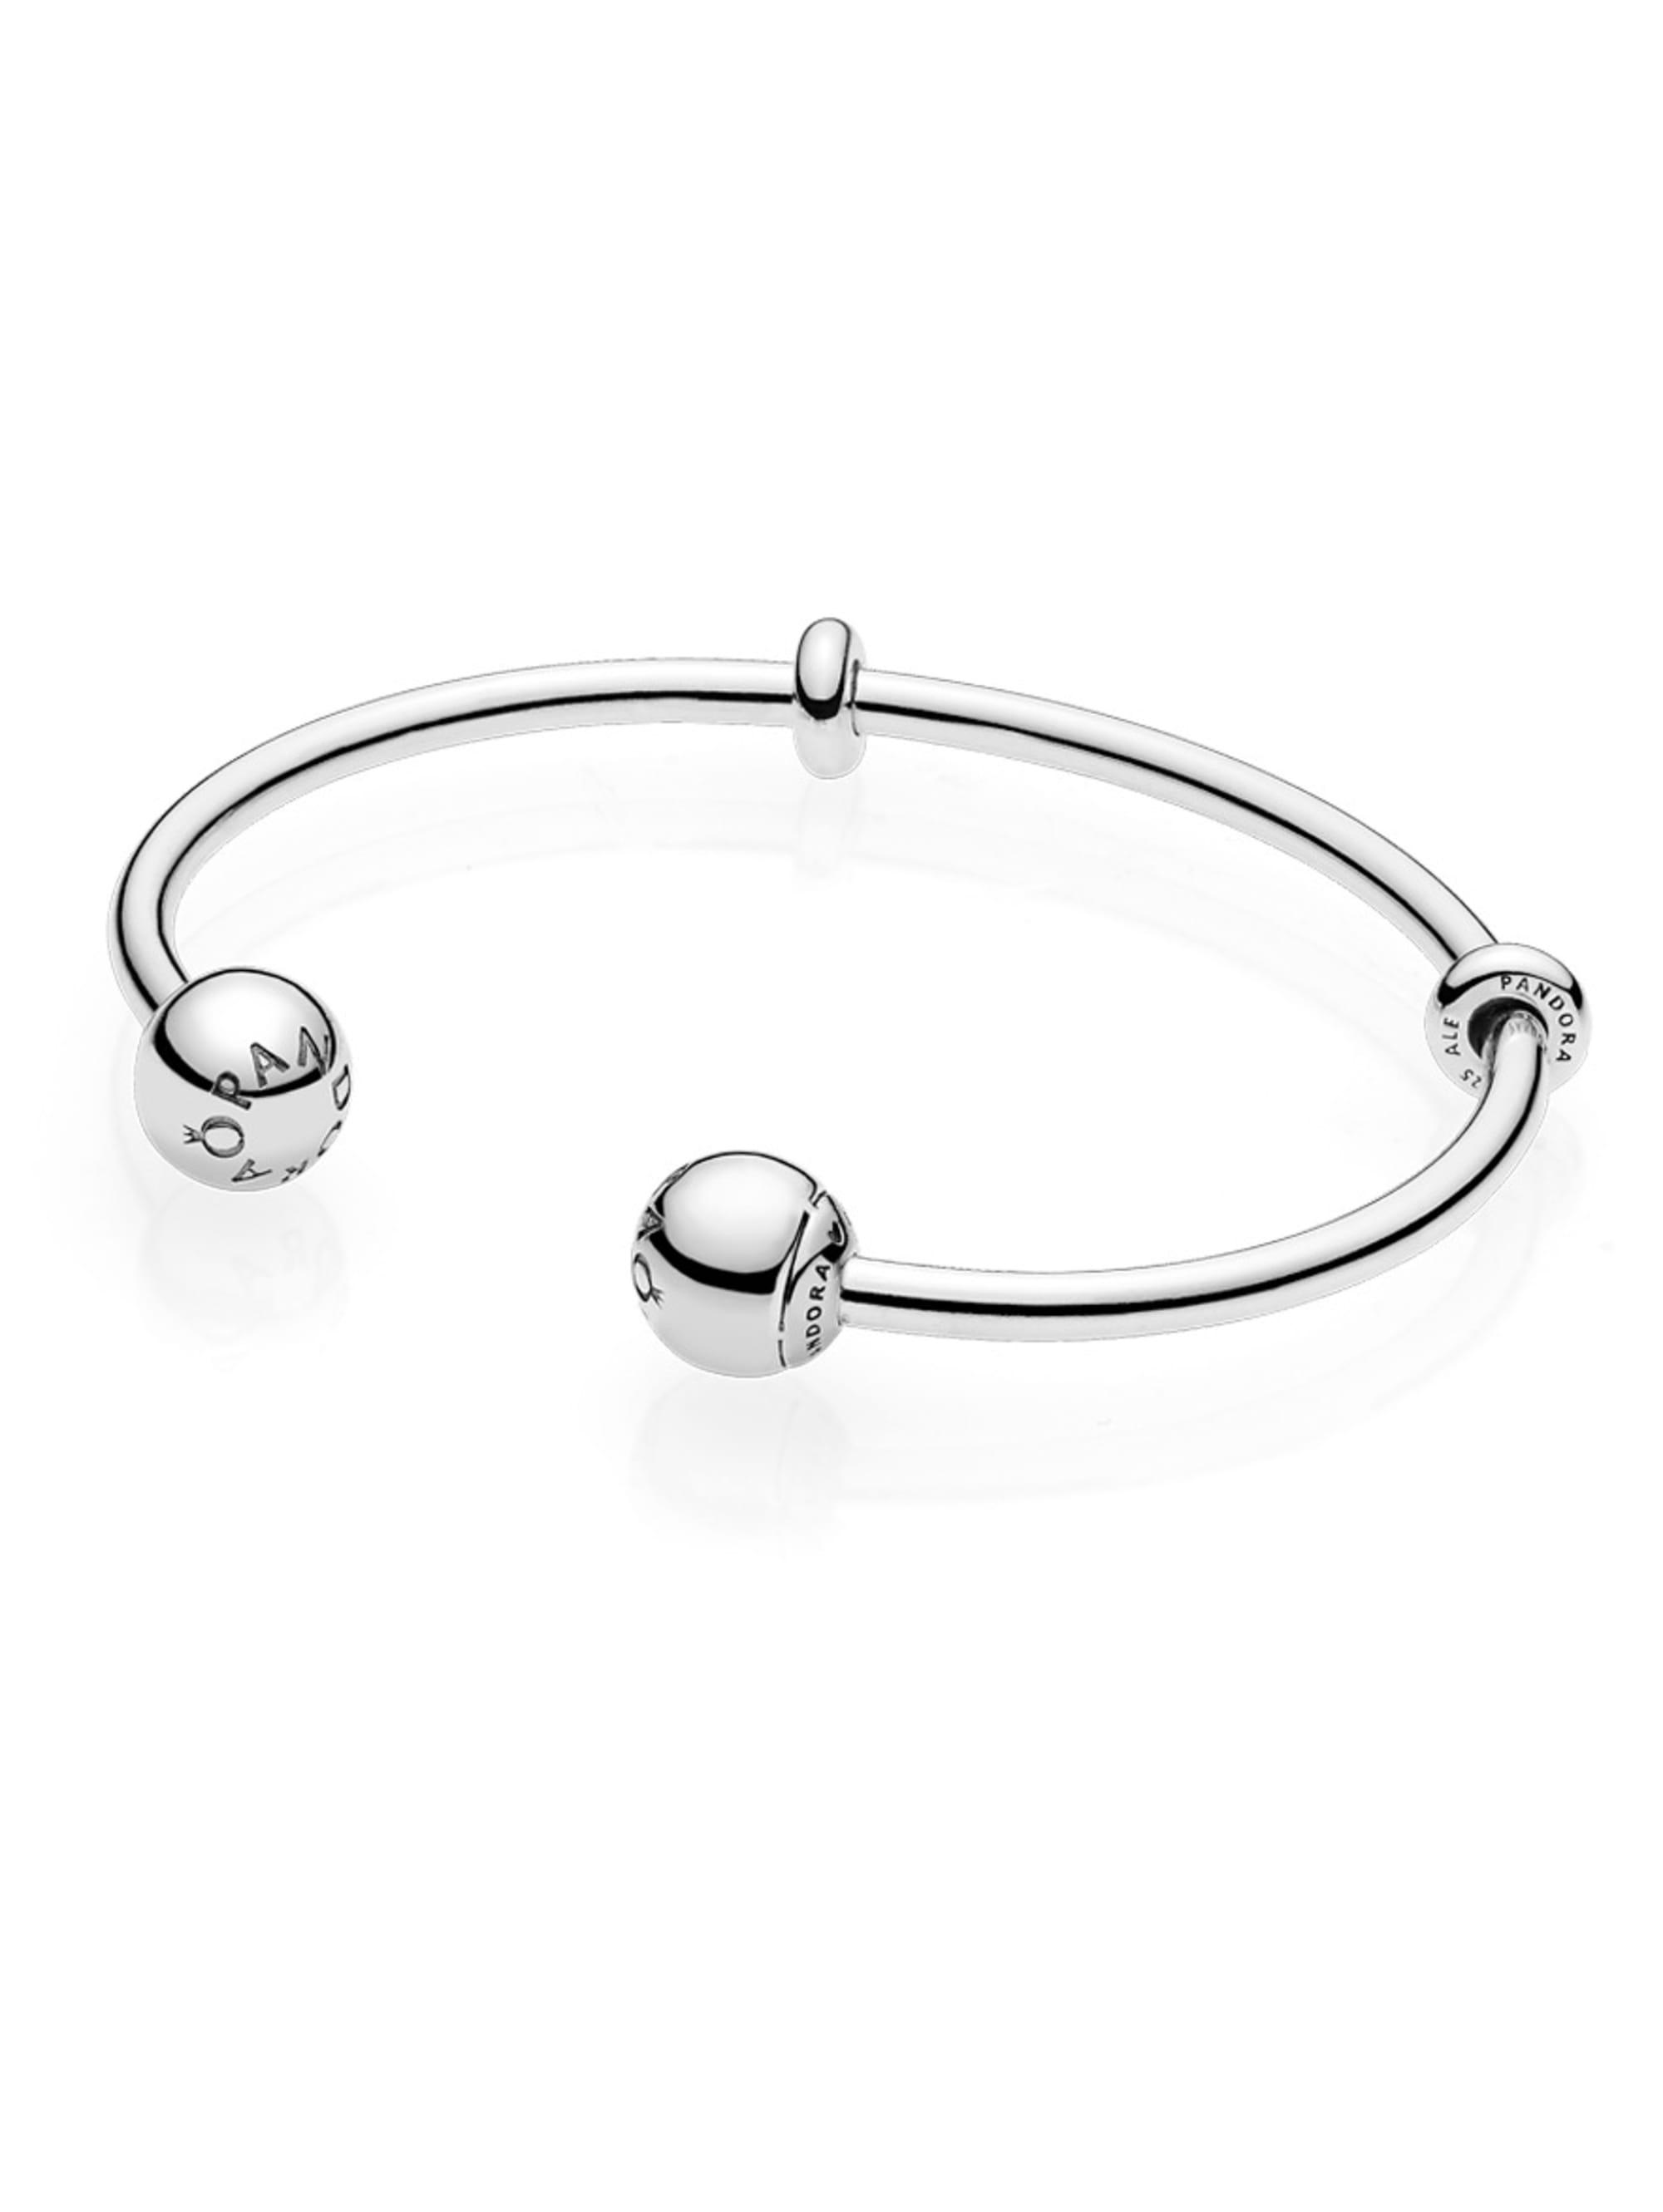 Pandora Armreif in Silber 925 596477-1 liop1